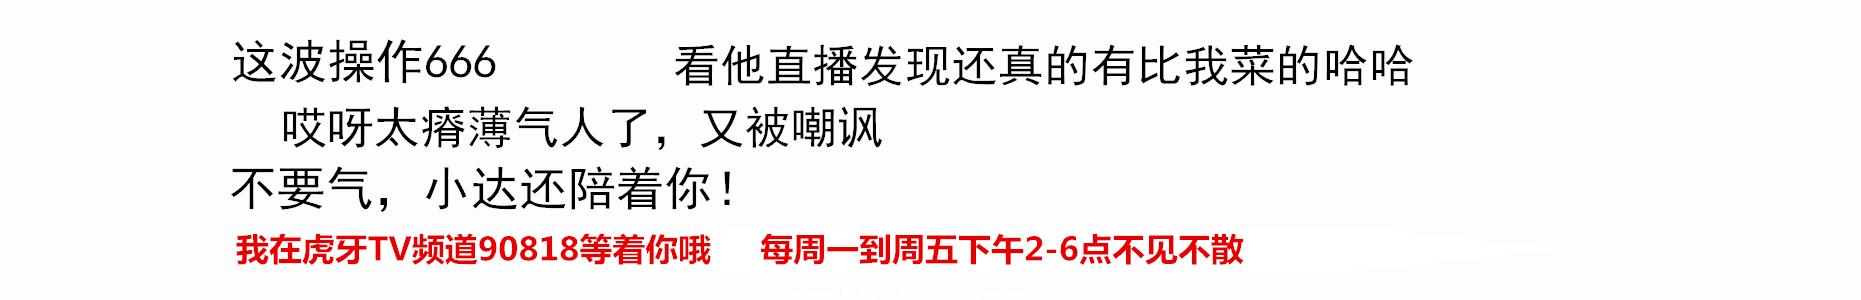 小达视频团队 banner